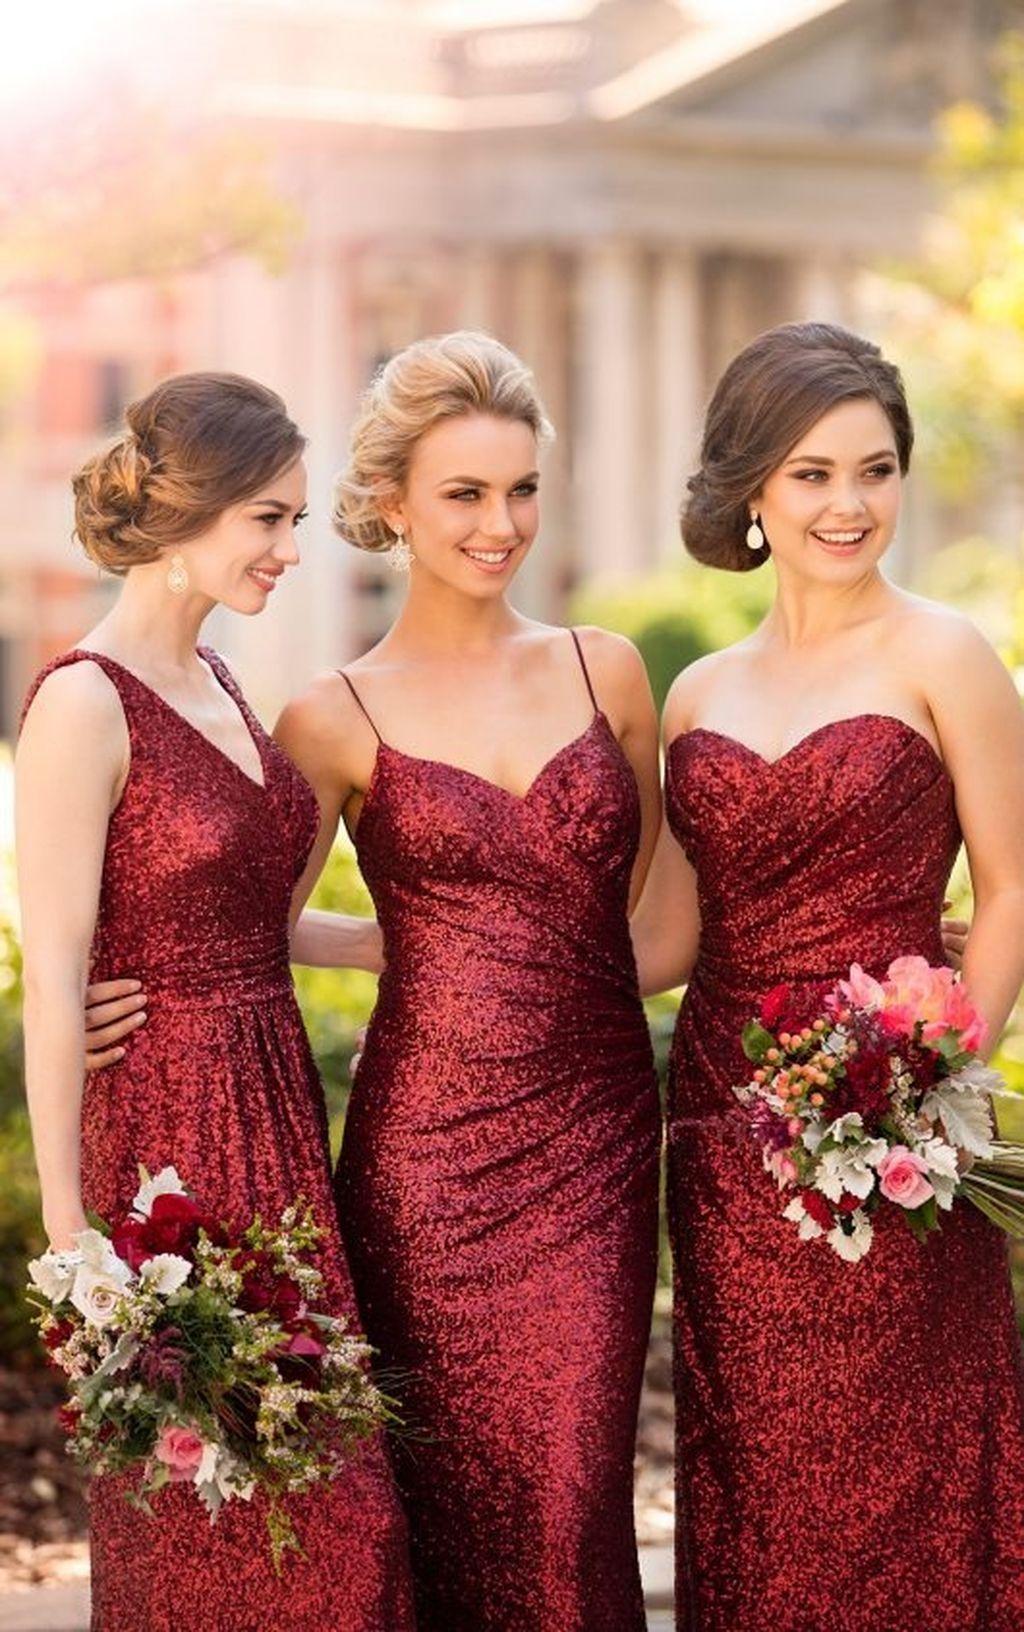 60 elegant christmas wedding dress ideas to makes you look 60 elegant christmas wedding dress ideas to makes you look gorgeous ombrellifo Gallery